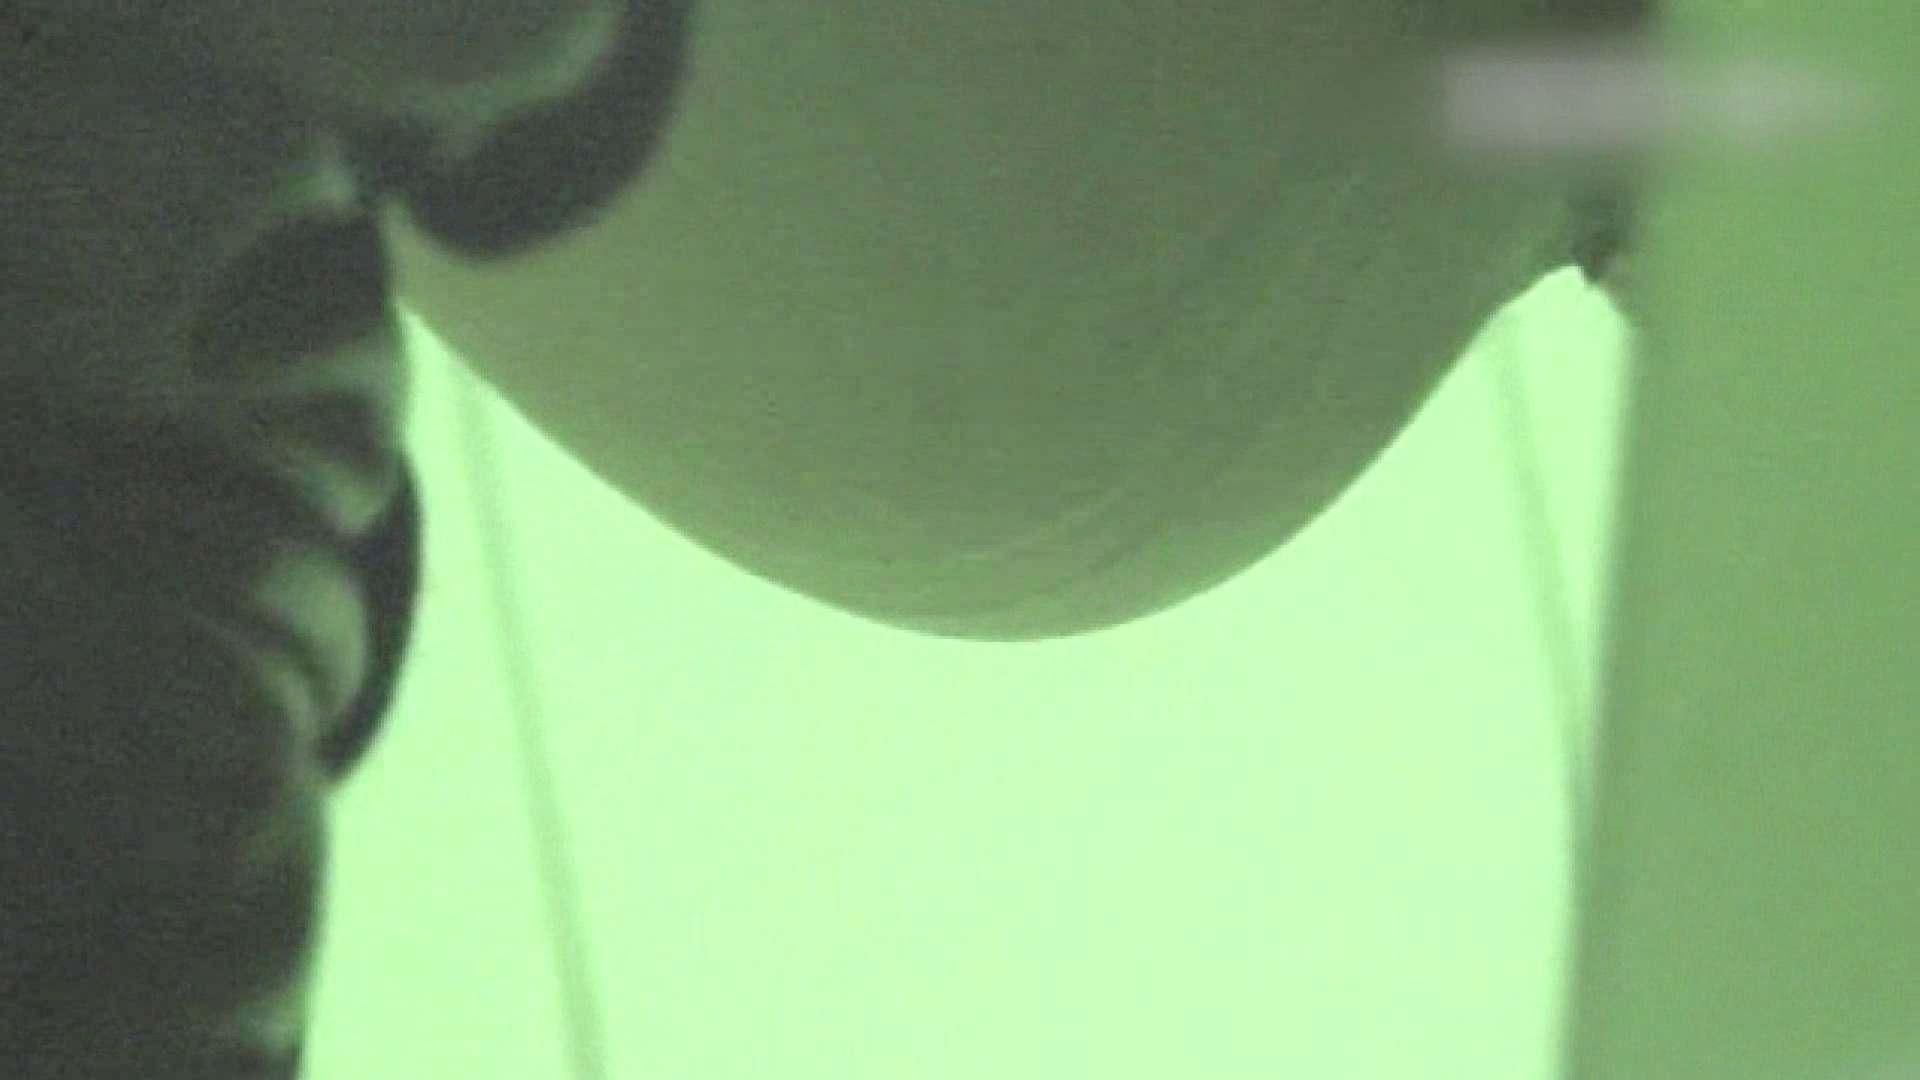 ロックハンドさんの盗撮記録File.11 厠隠し撮り   モロだしオマンコ  102pic 57